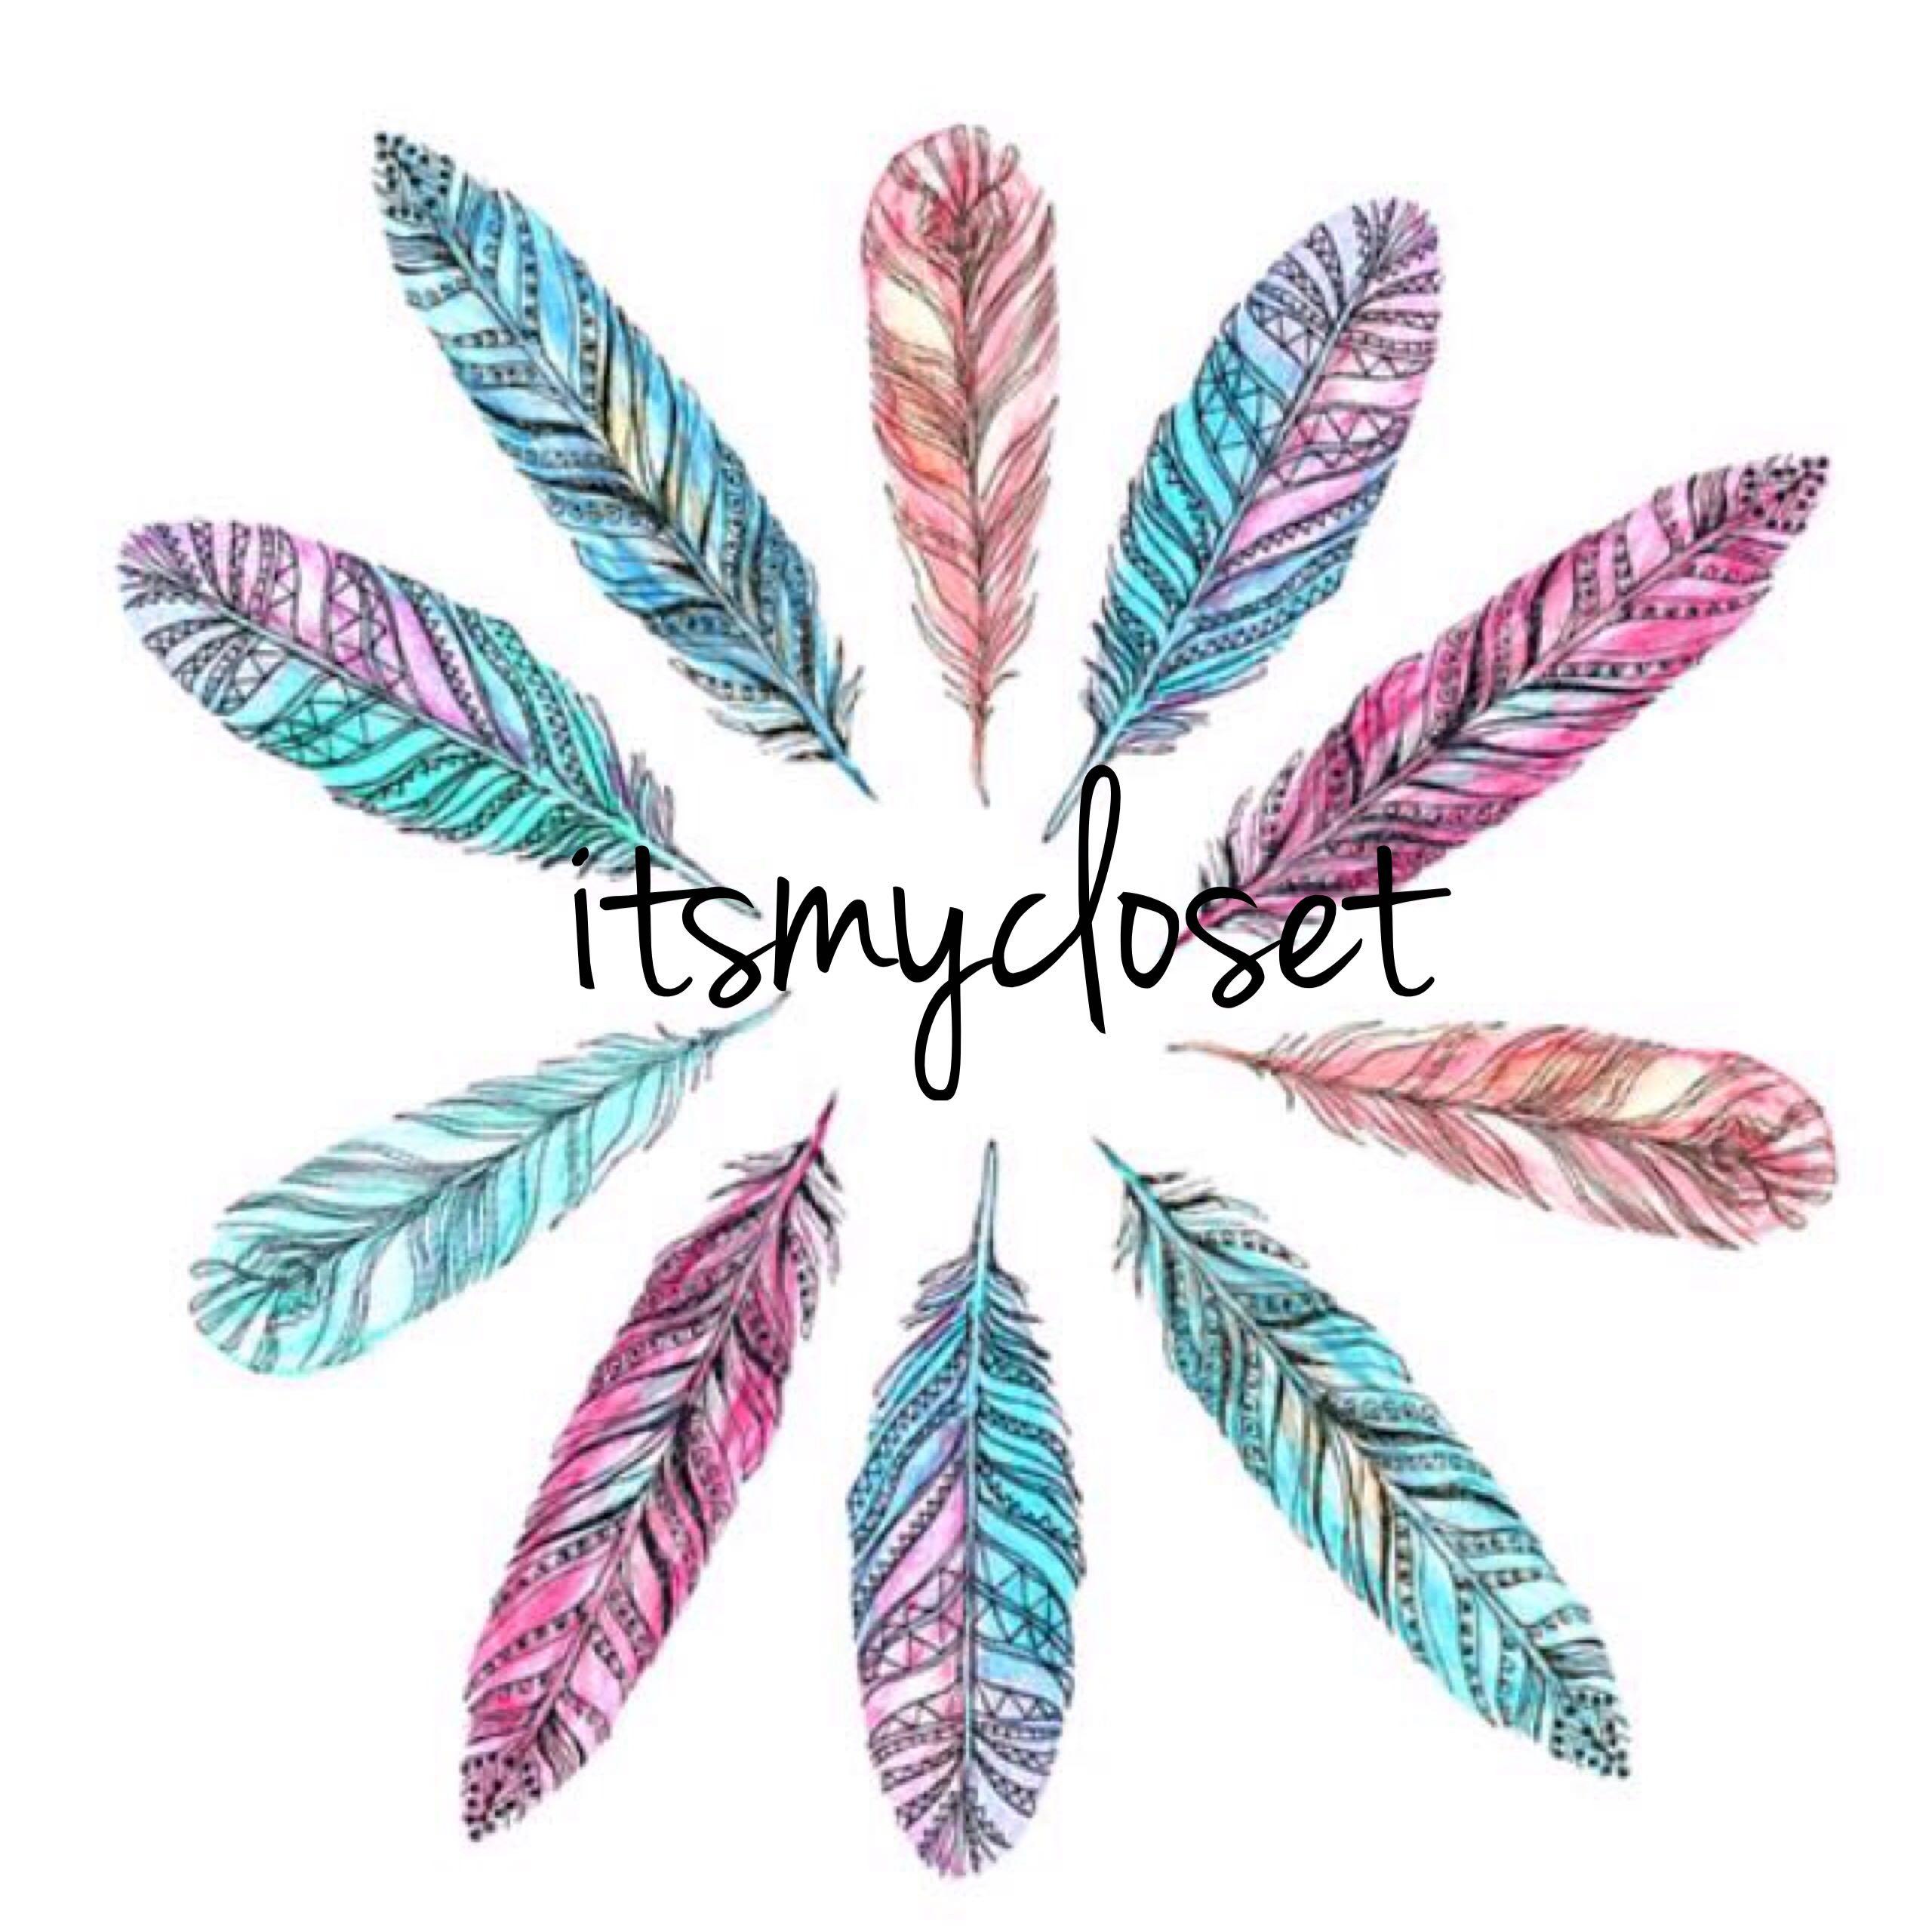 _itsmycloset